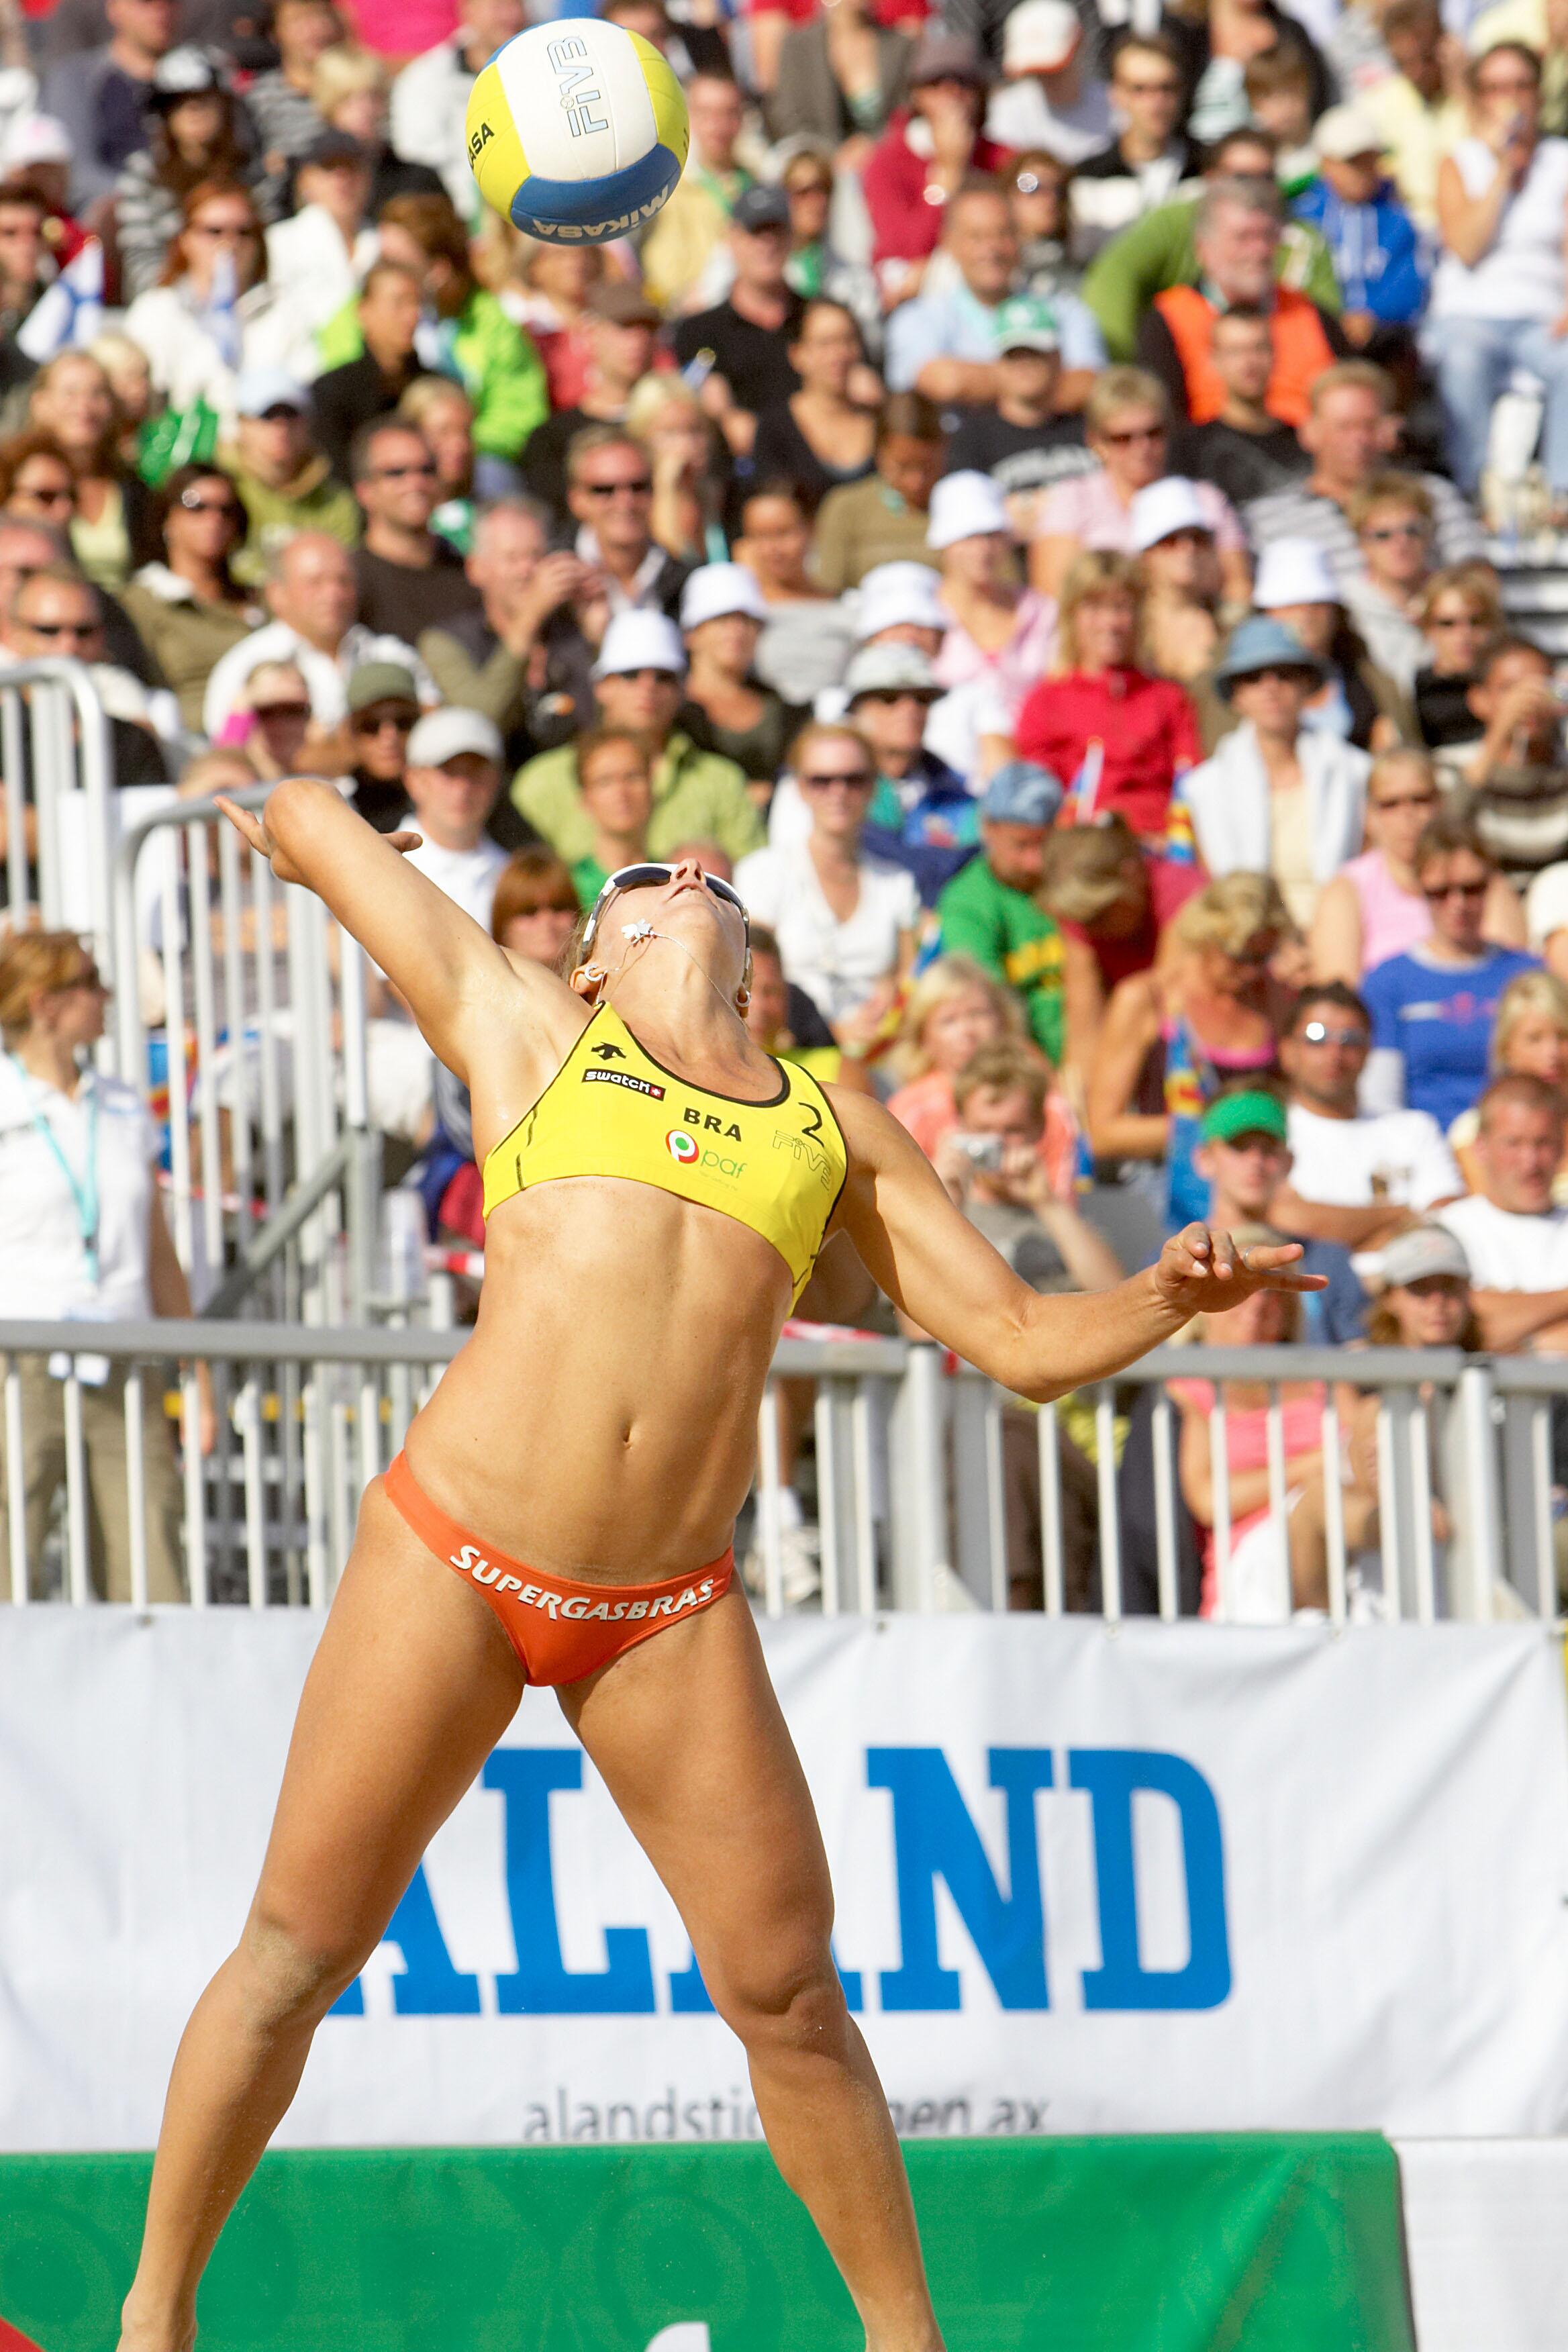 Swedish Womens Beach Volleyball Team Swedish Women 39 s Beach